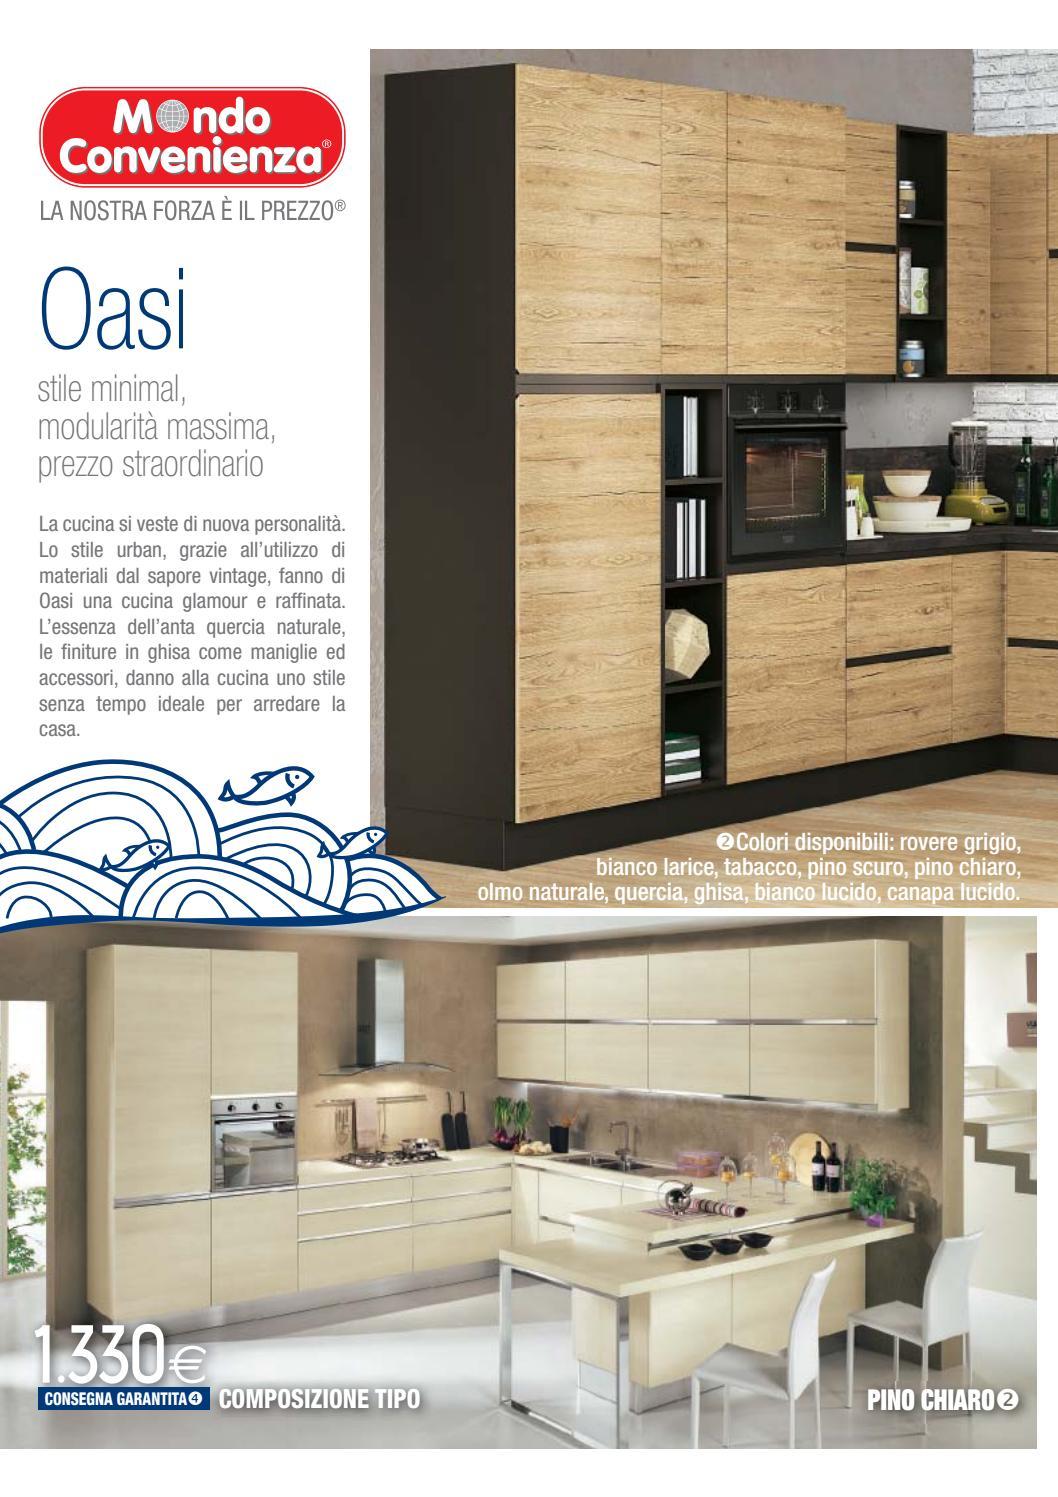 Mondo Conevenienza Catalogo Estate 2016 1 By Mobilpro Issuu